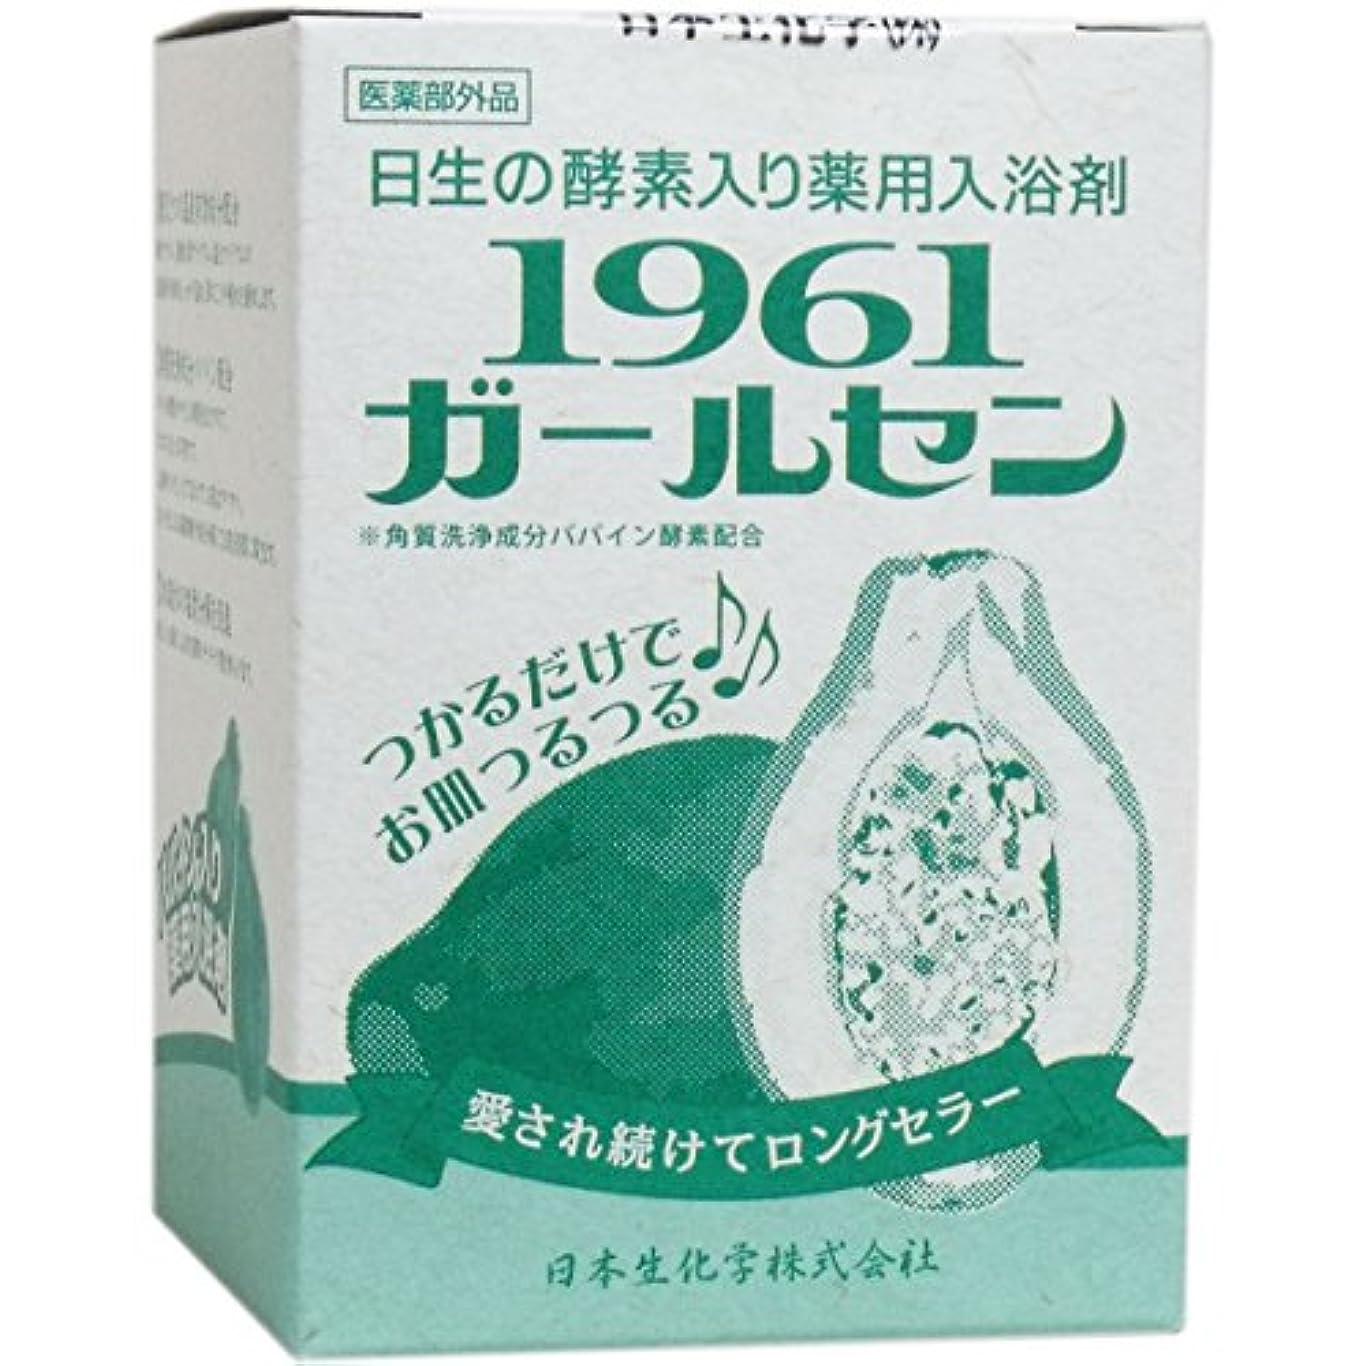 愛迷彩マークダウン酵素入り薬用入浴剤 1961ガールセン 10包入 [医薬部外品]